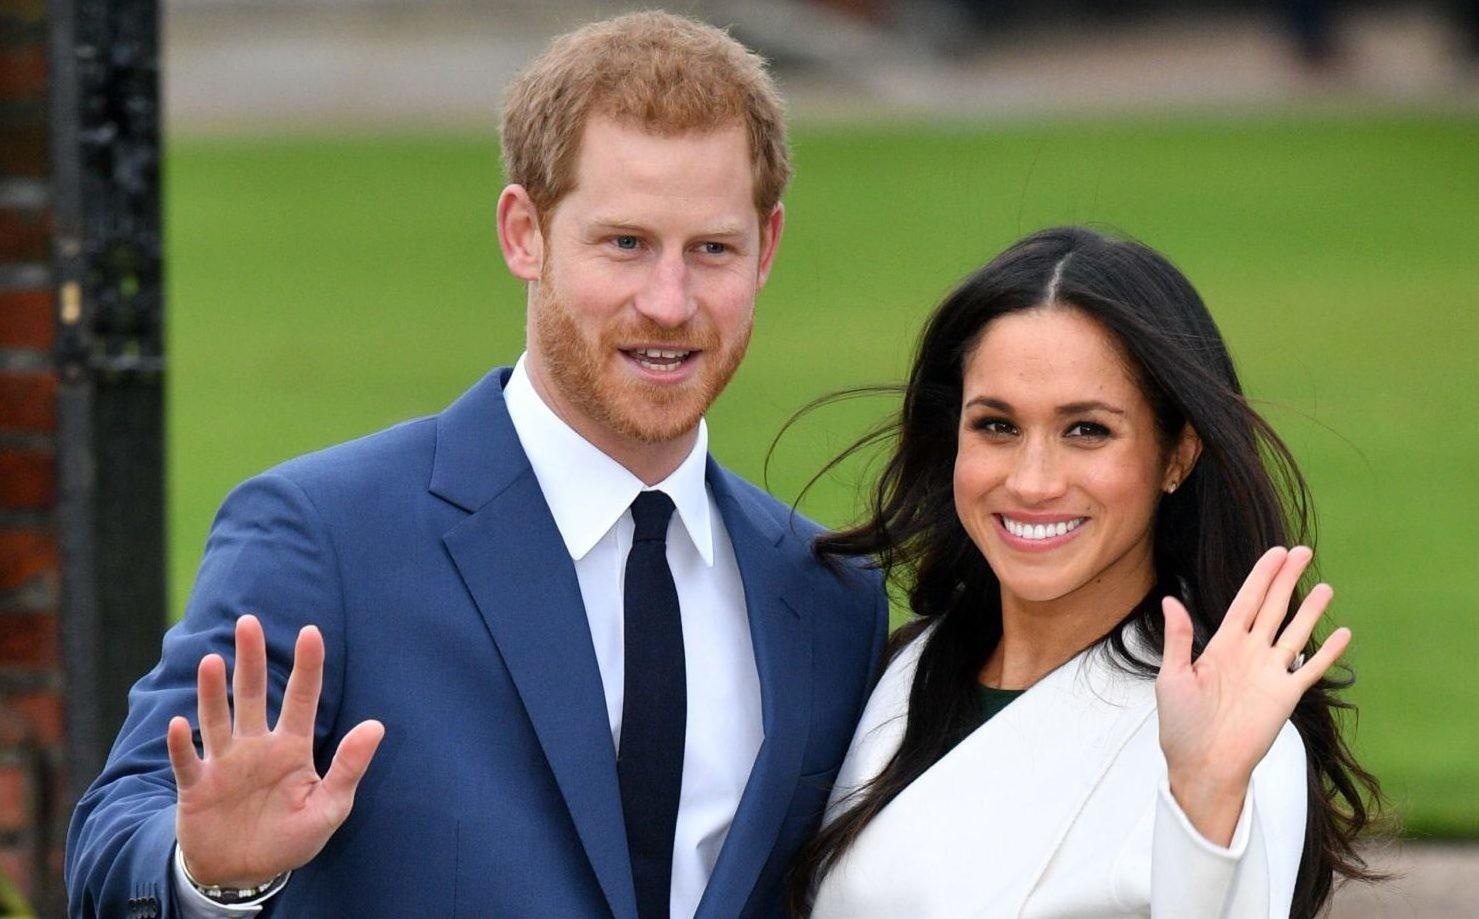 Прямая трансляция свадьбы принца Гарри и Меган Маркл!